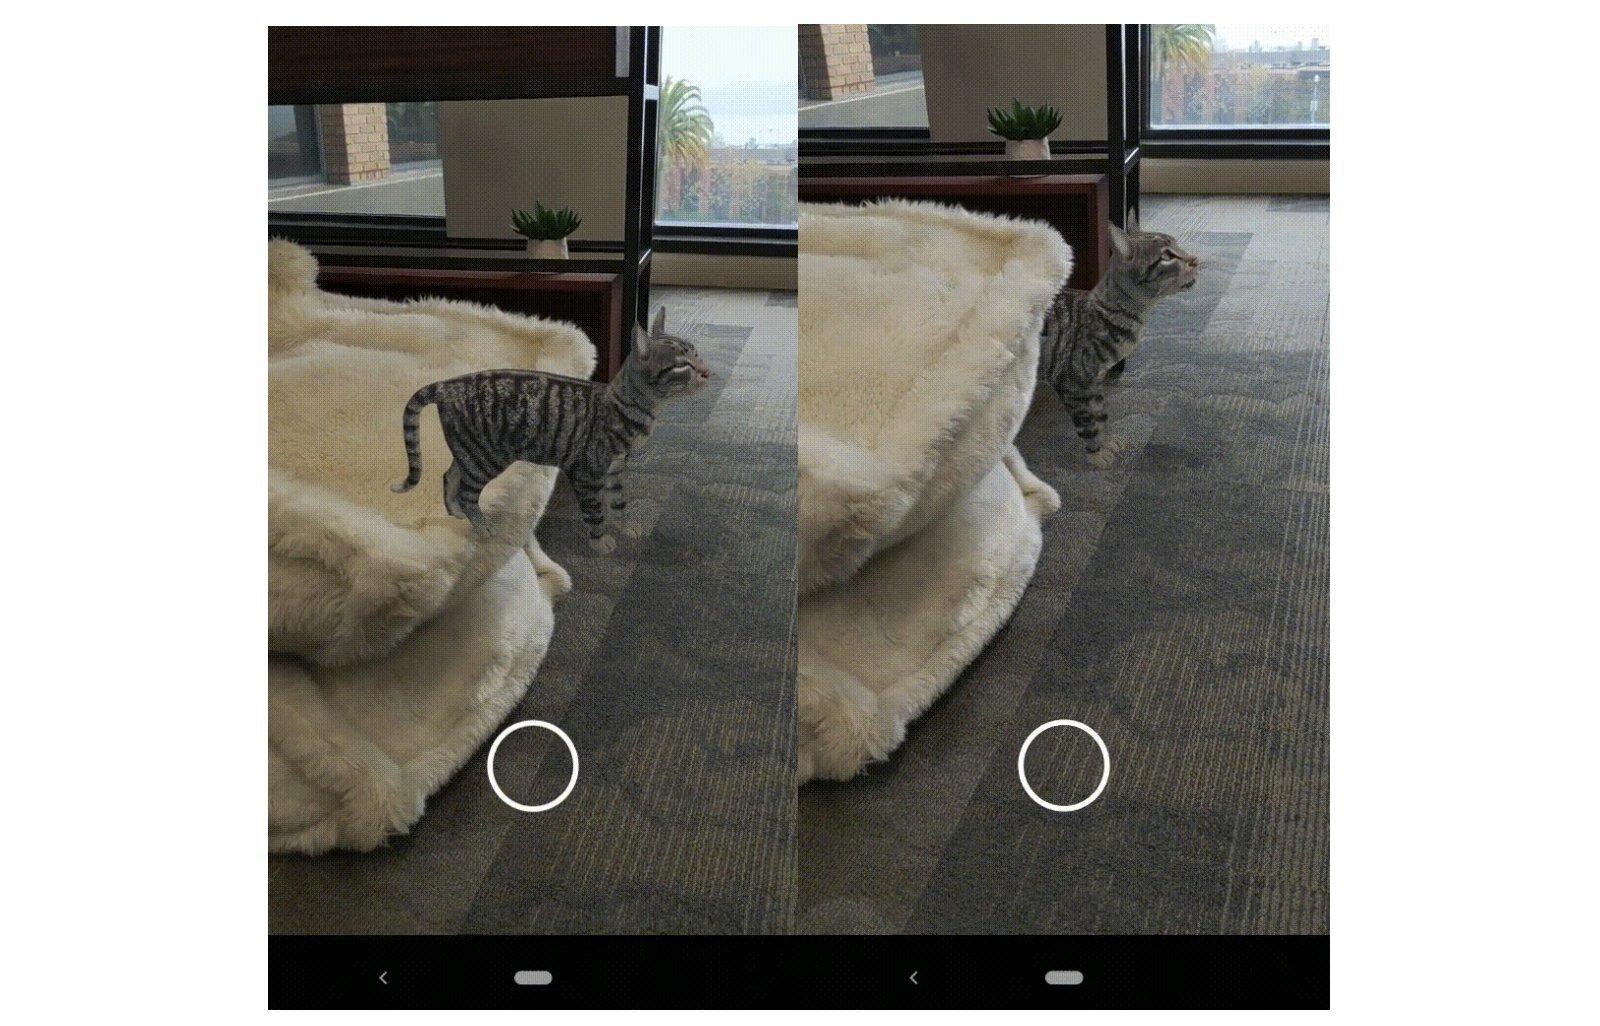 قابلیت جدید گوگل تجربههای واقعیت افزوده را واقعگرایانهتر میکند